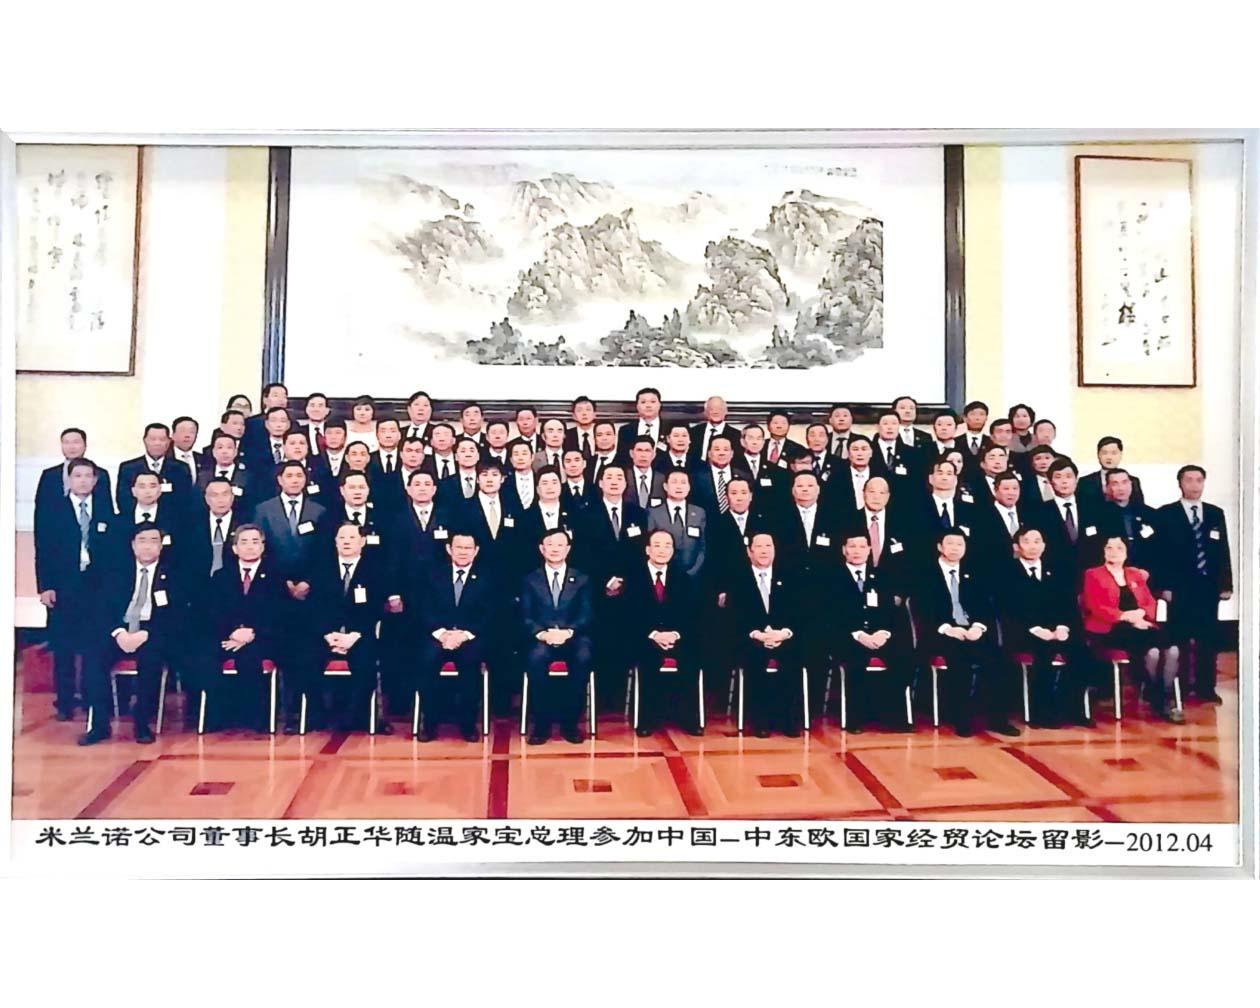 公司董事长胡正华随温家宝总理产假东欧经贸论坛留影